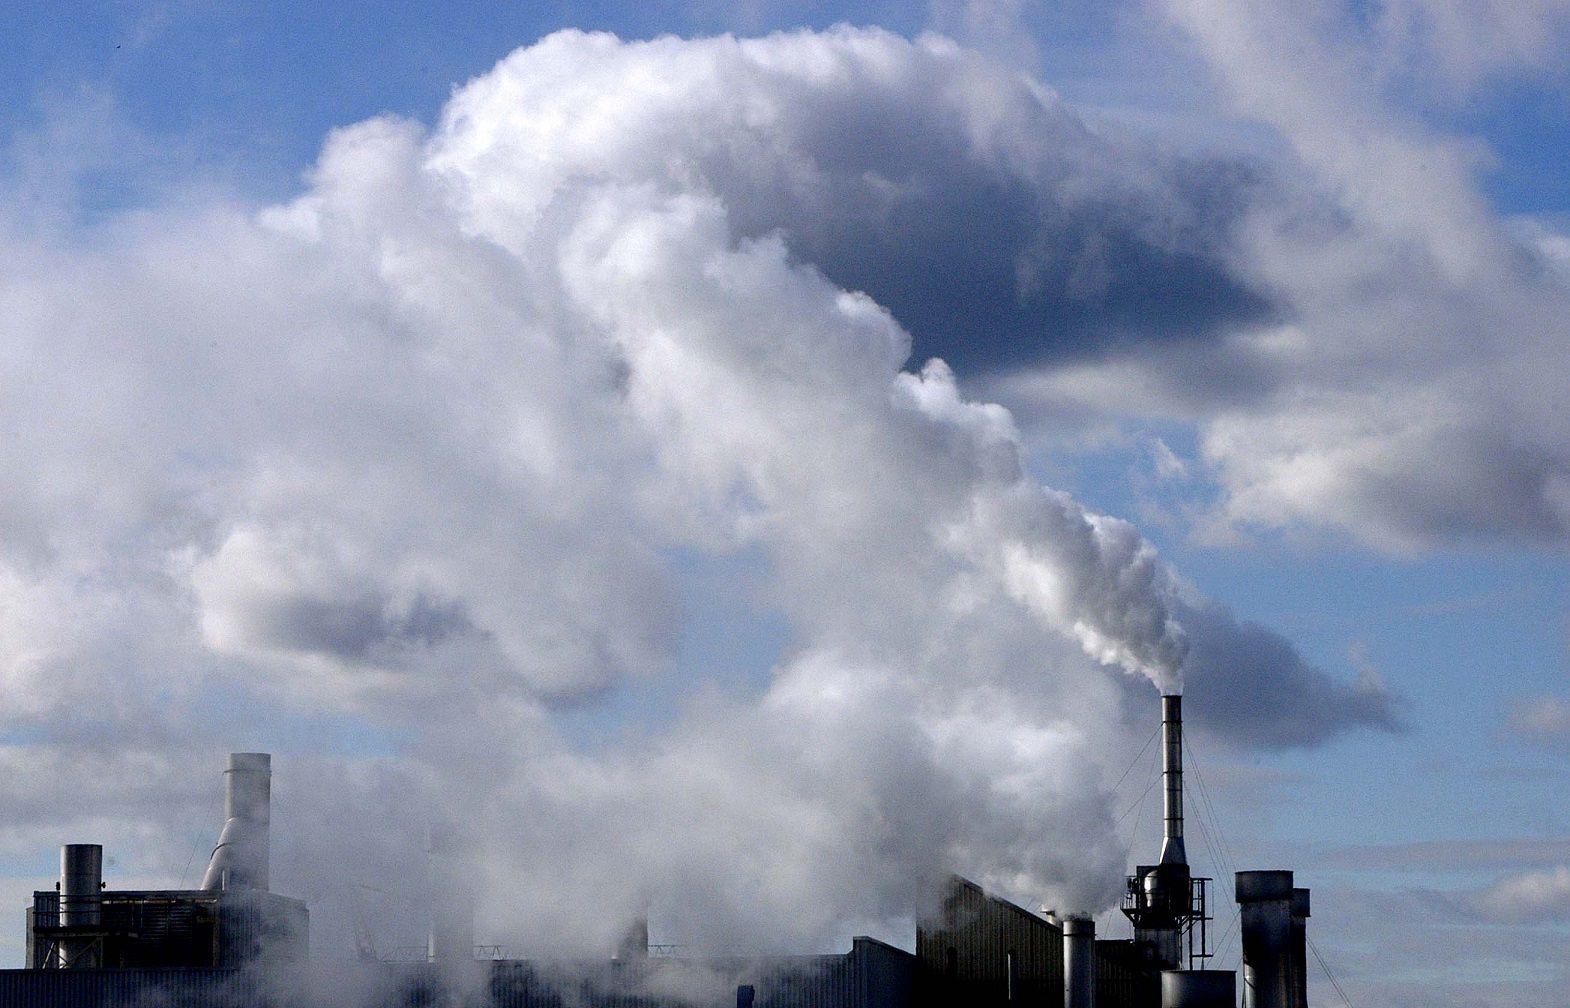 Les Etats Unis et la Chine représentent à eux seuls 40% des émissions de gaz à effet de serre ©ONU / Kibae Park